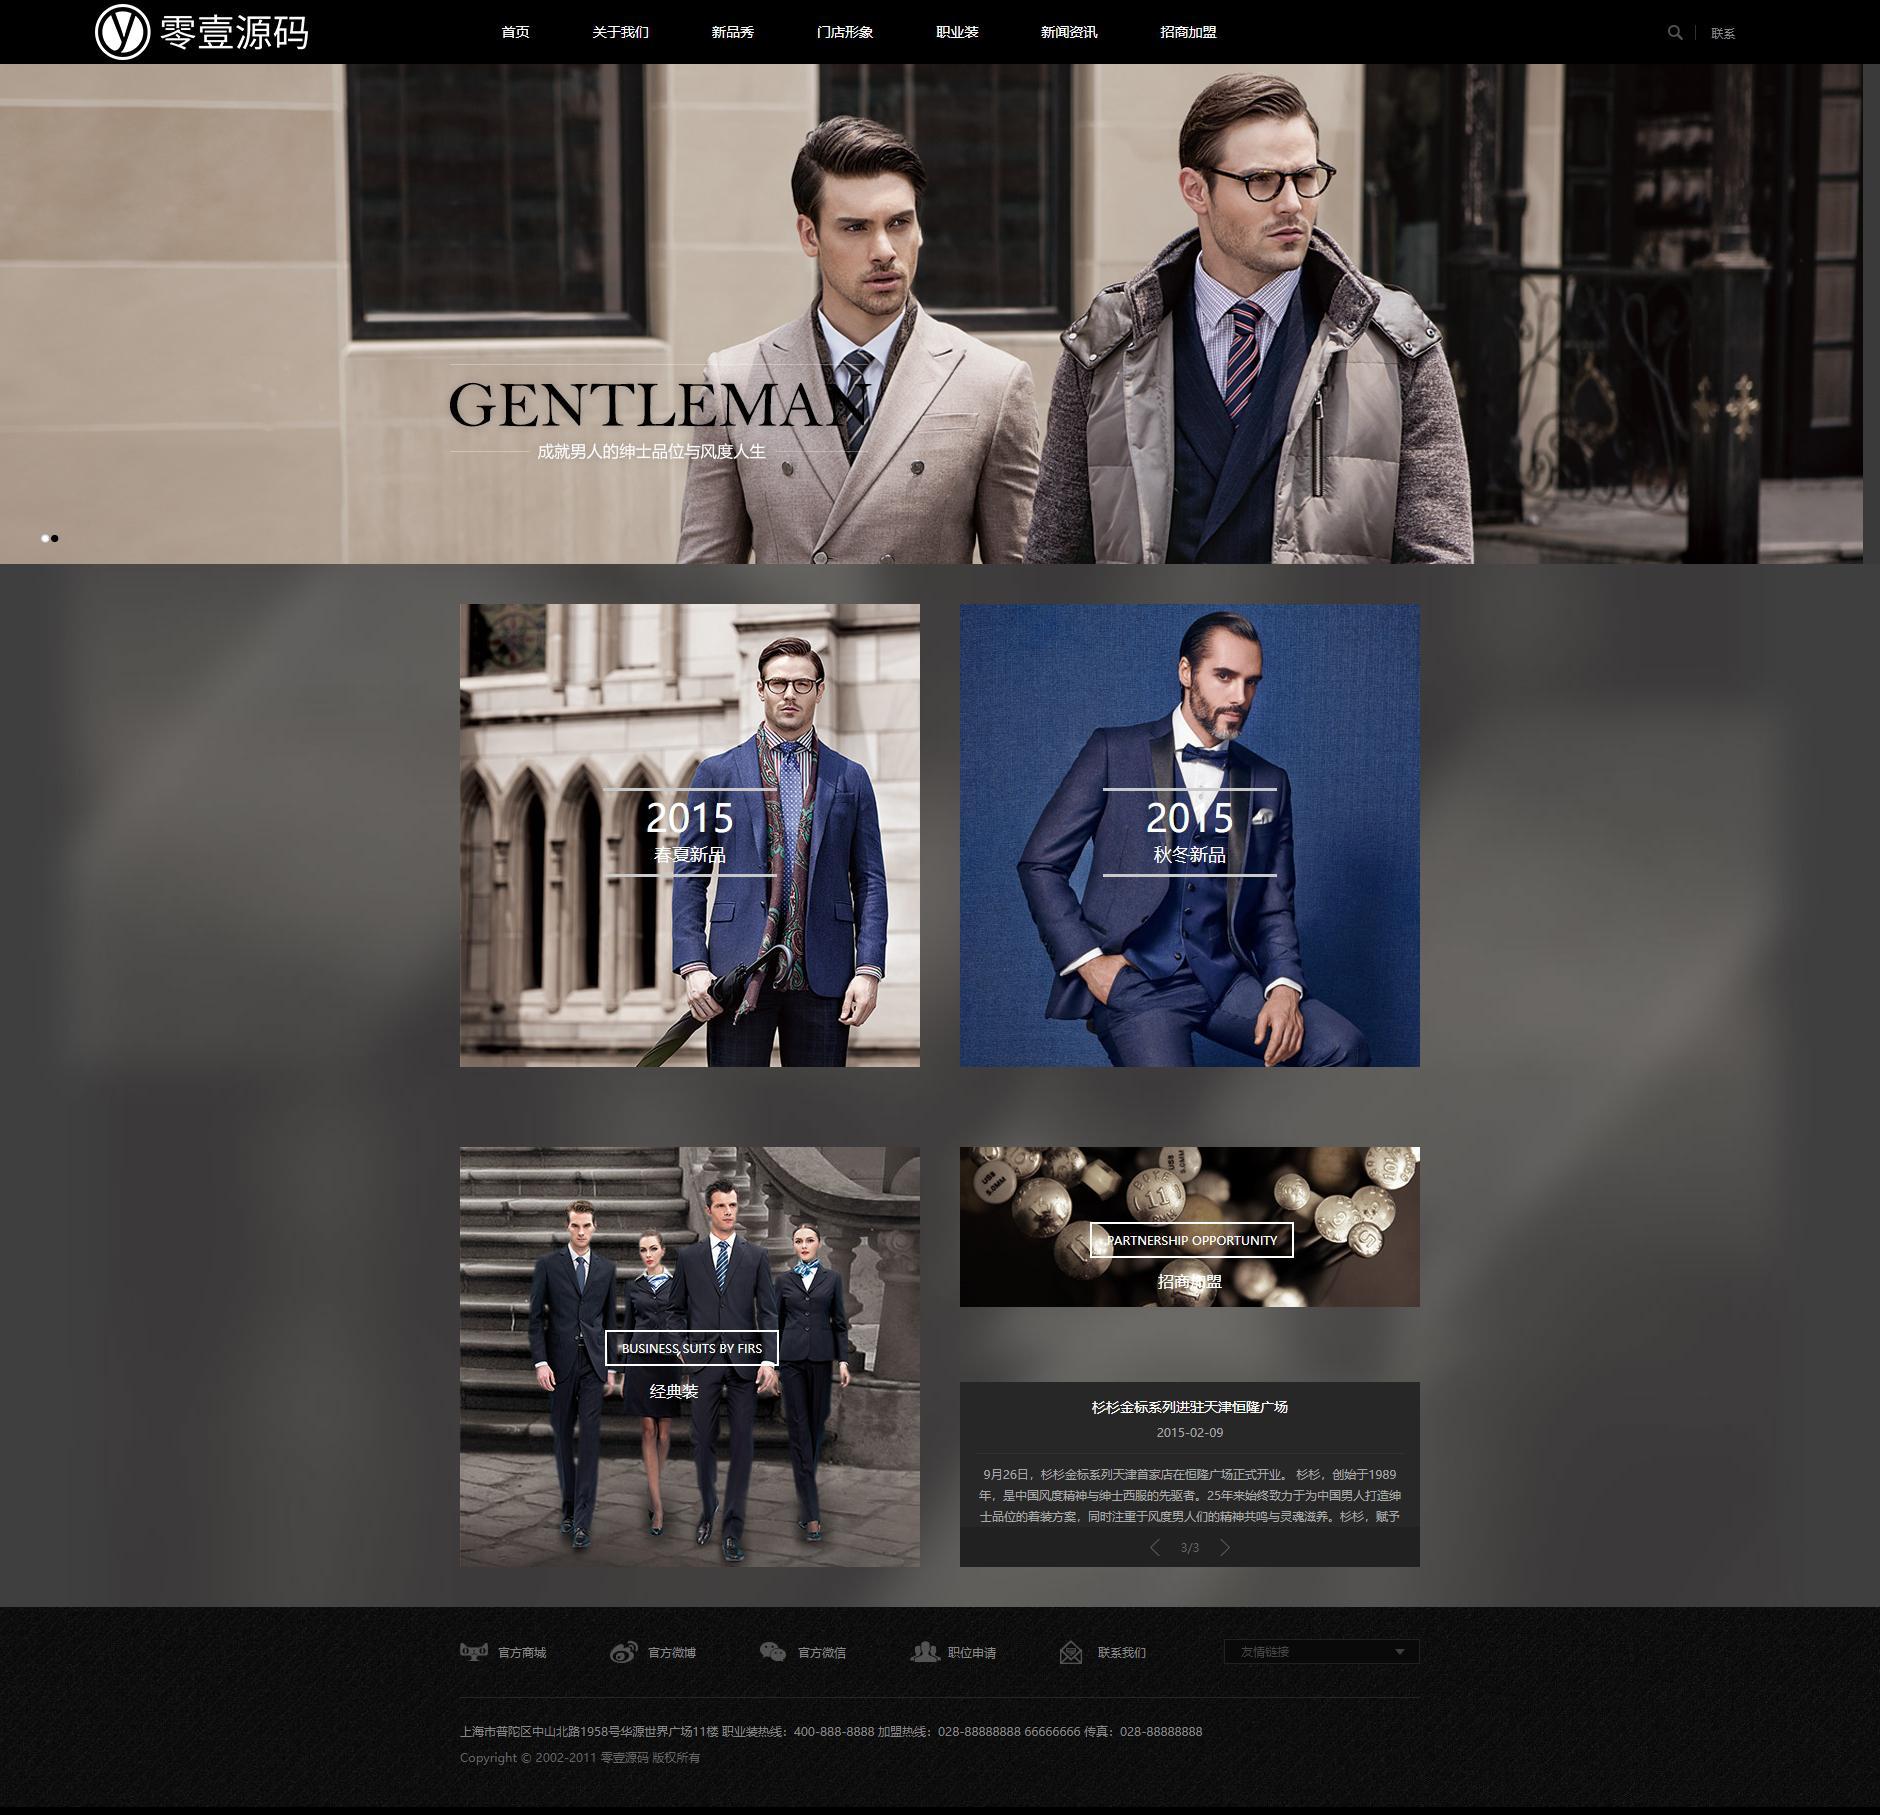 高端衫衫服装品牌类企业网站织梦dedecms模板